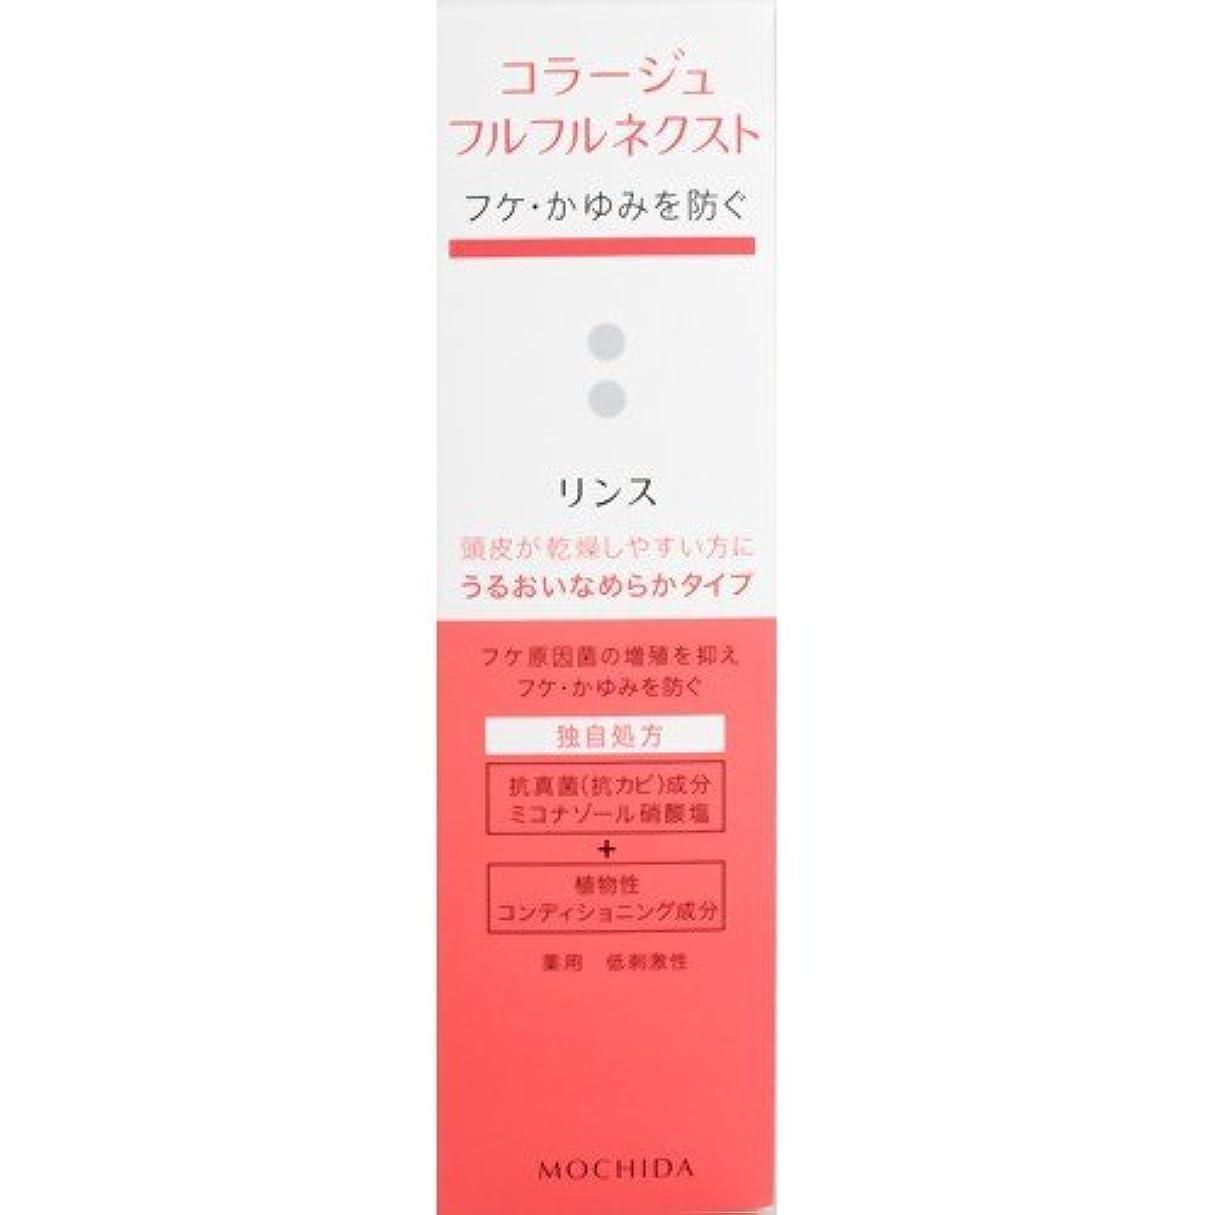 知覚醸造所塩コラージュフルフルネクスト リンス うるおいなめらかタイプ 200ml